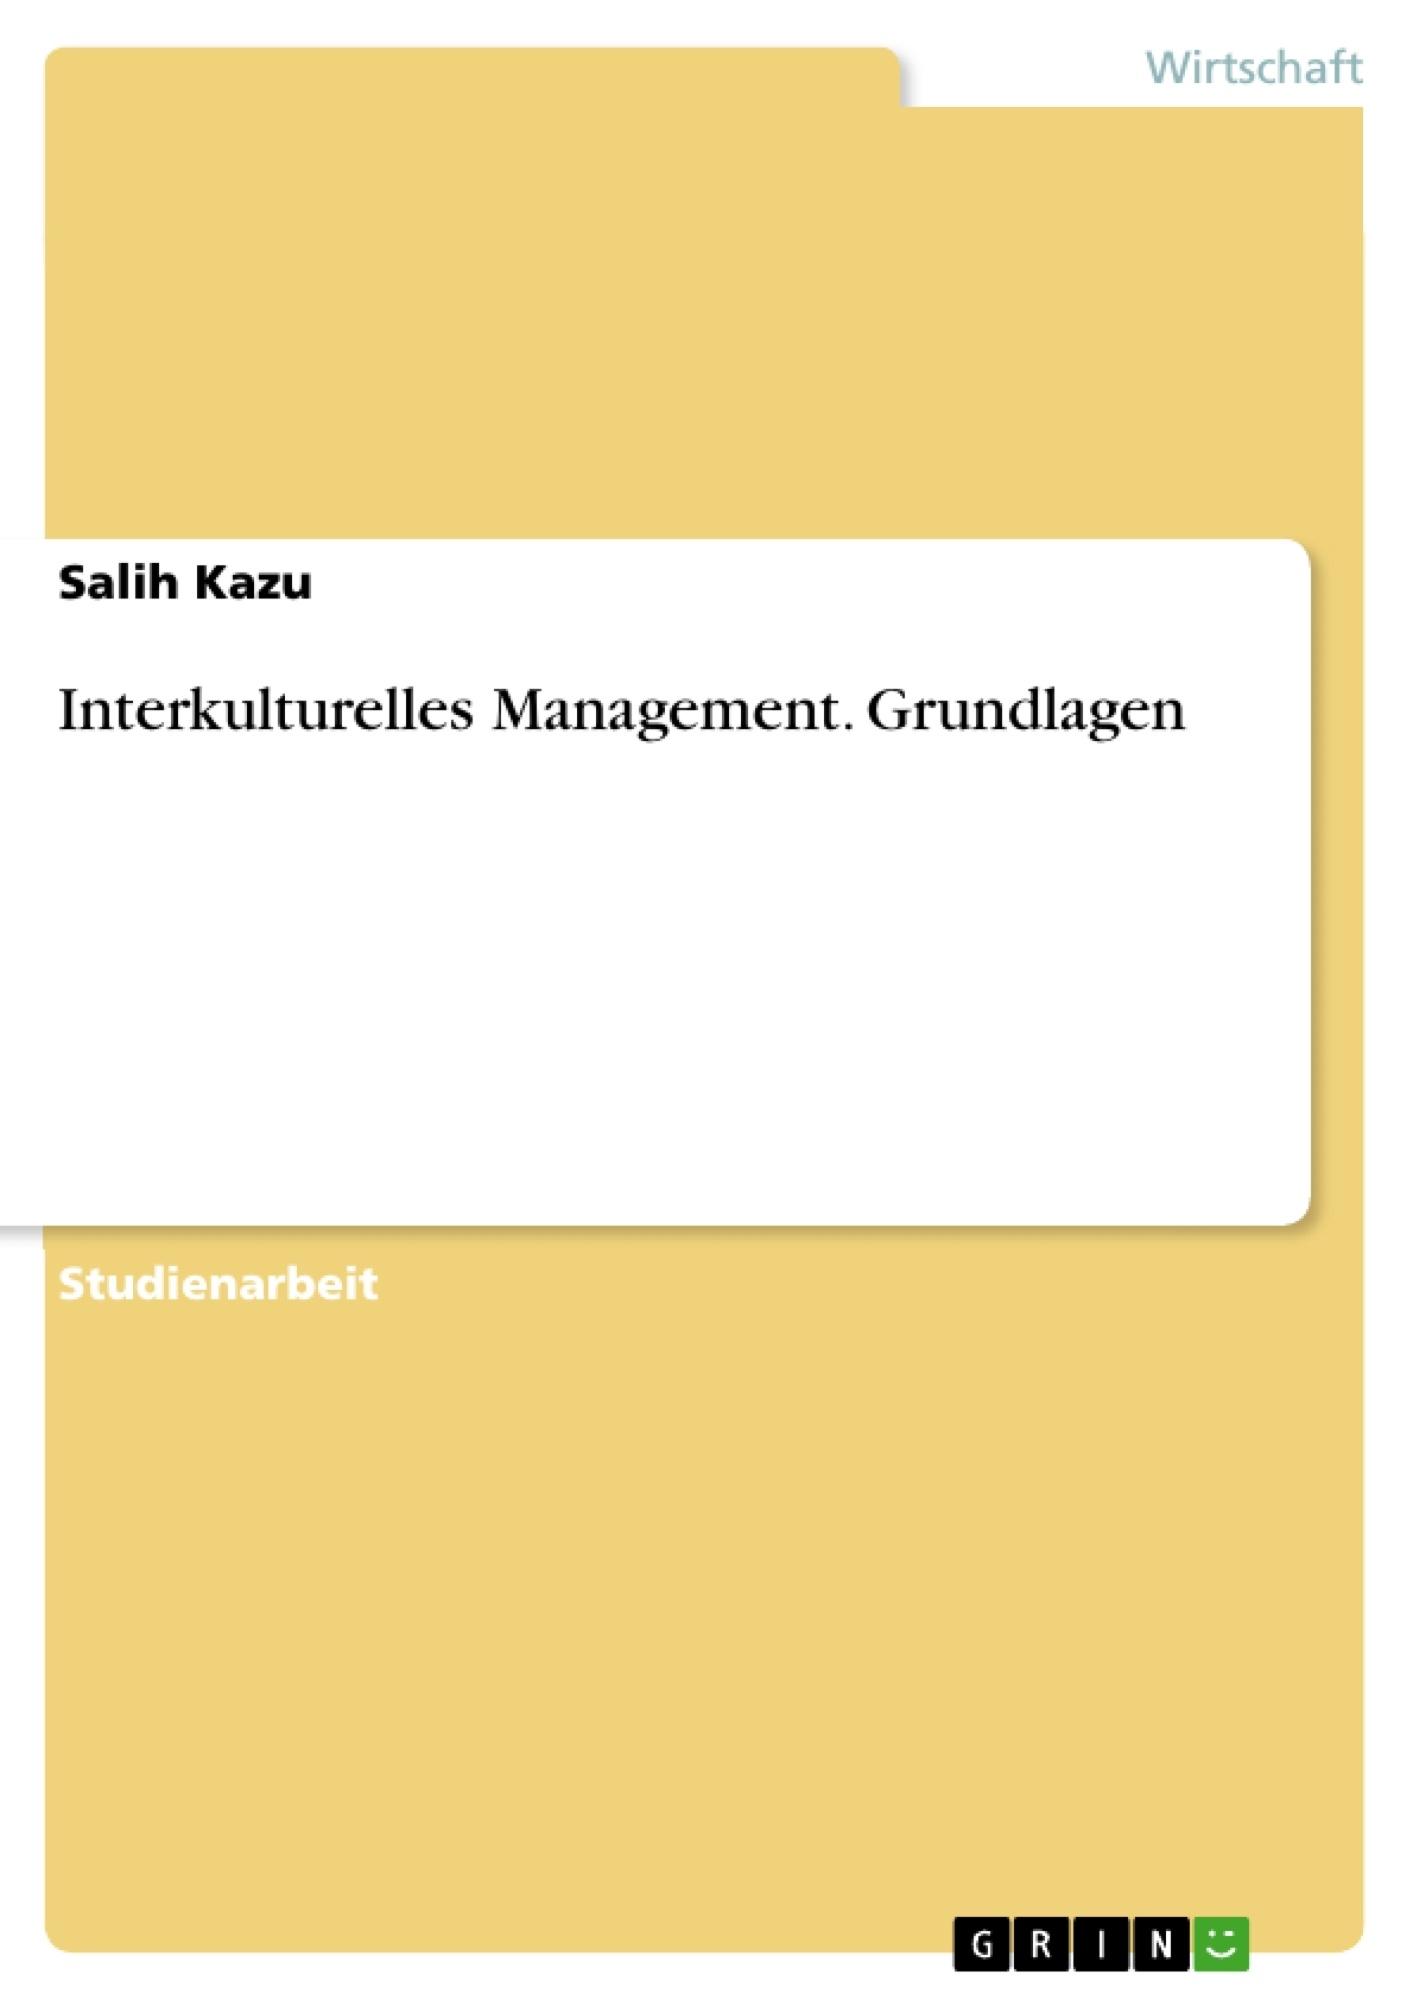 Titel: Interkulturelles Management. Grundlagen